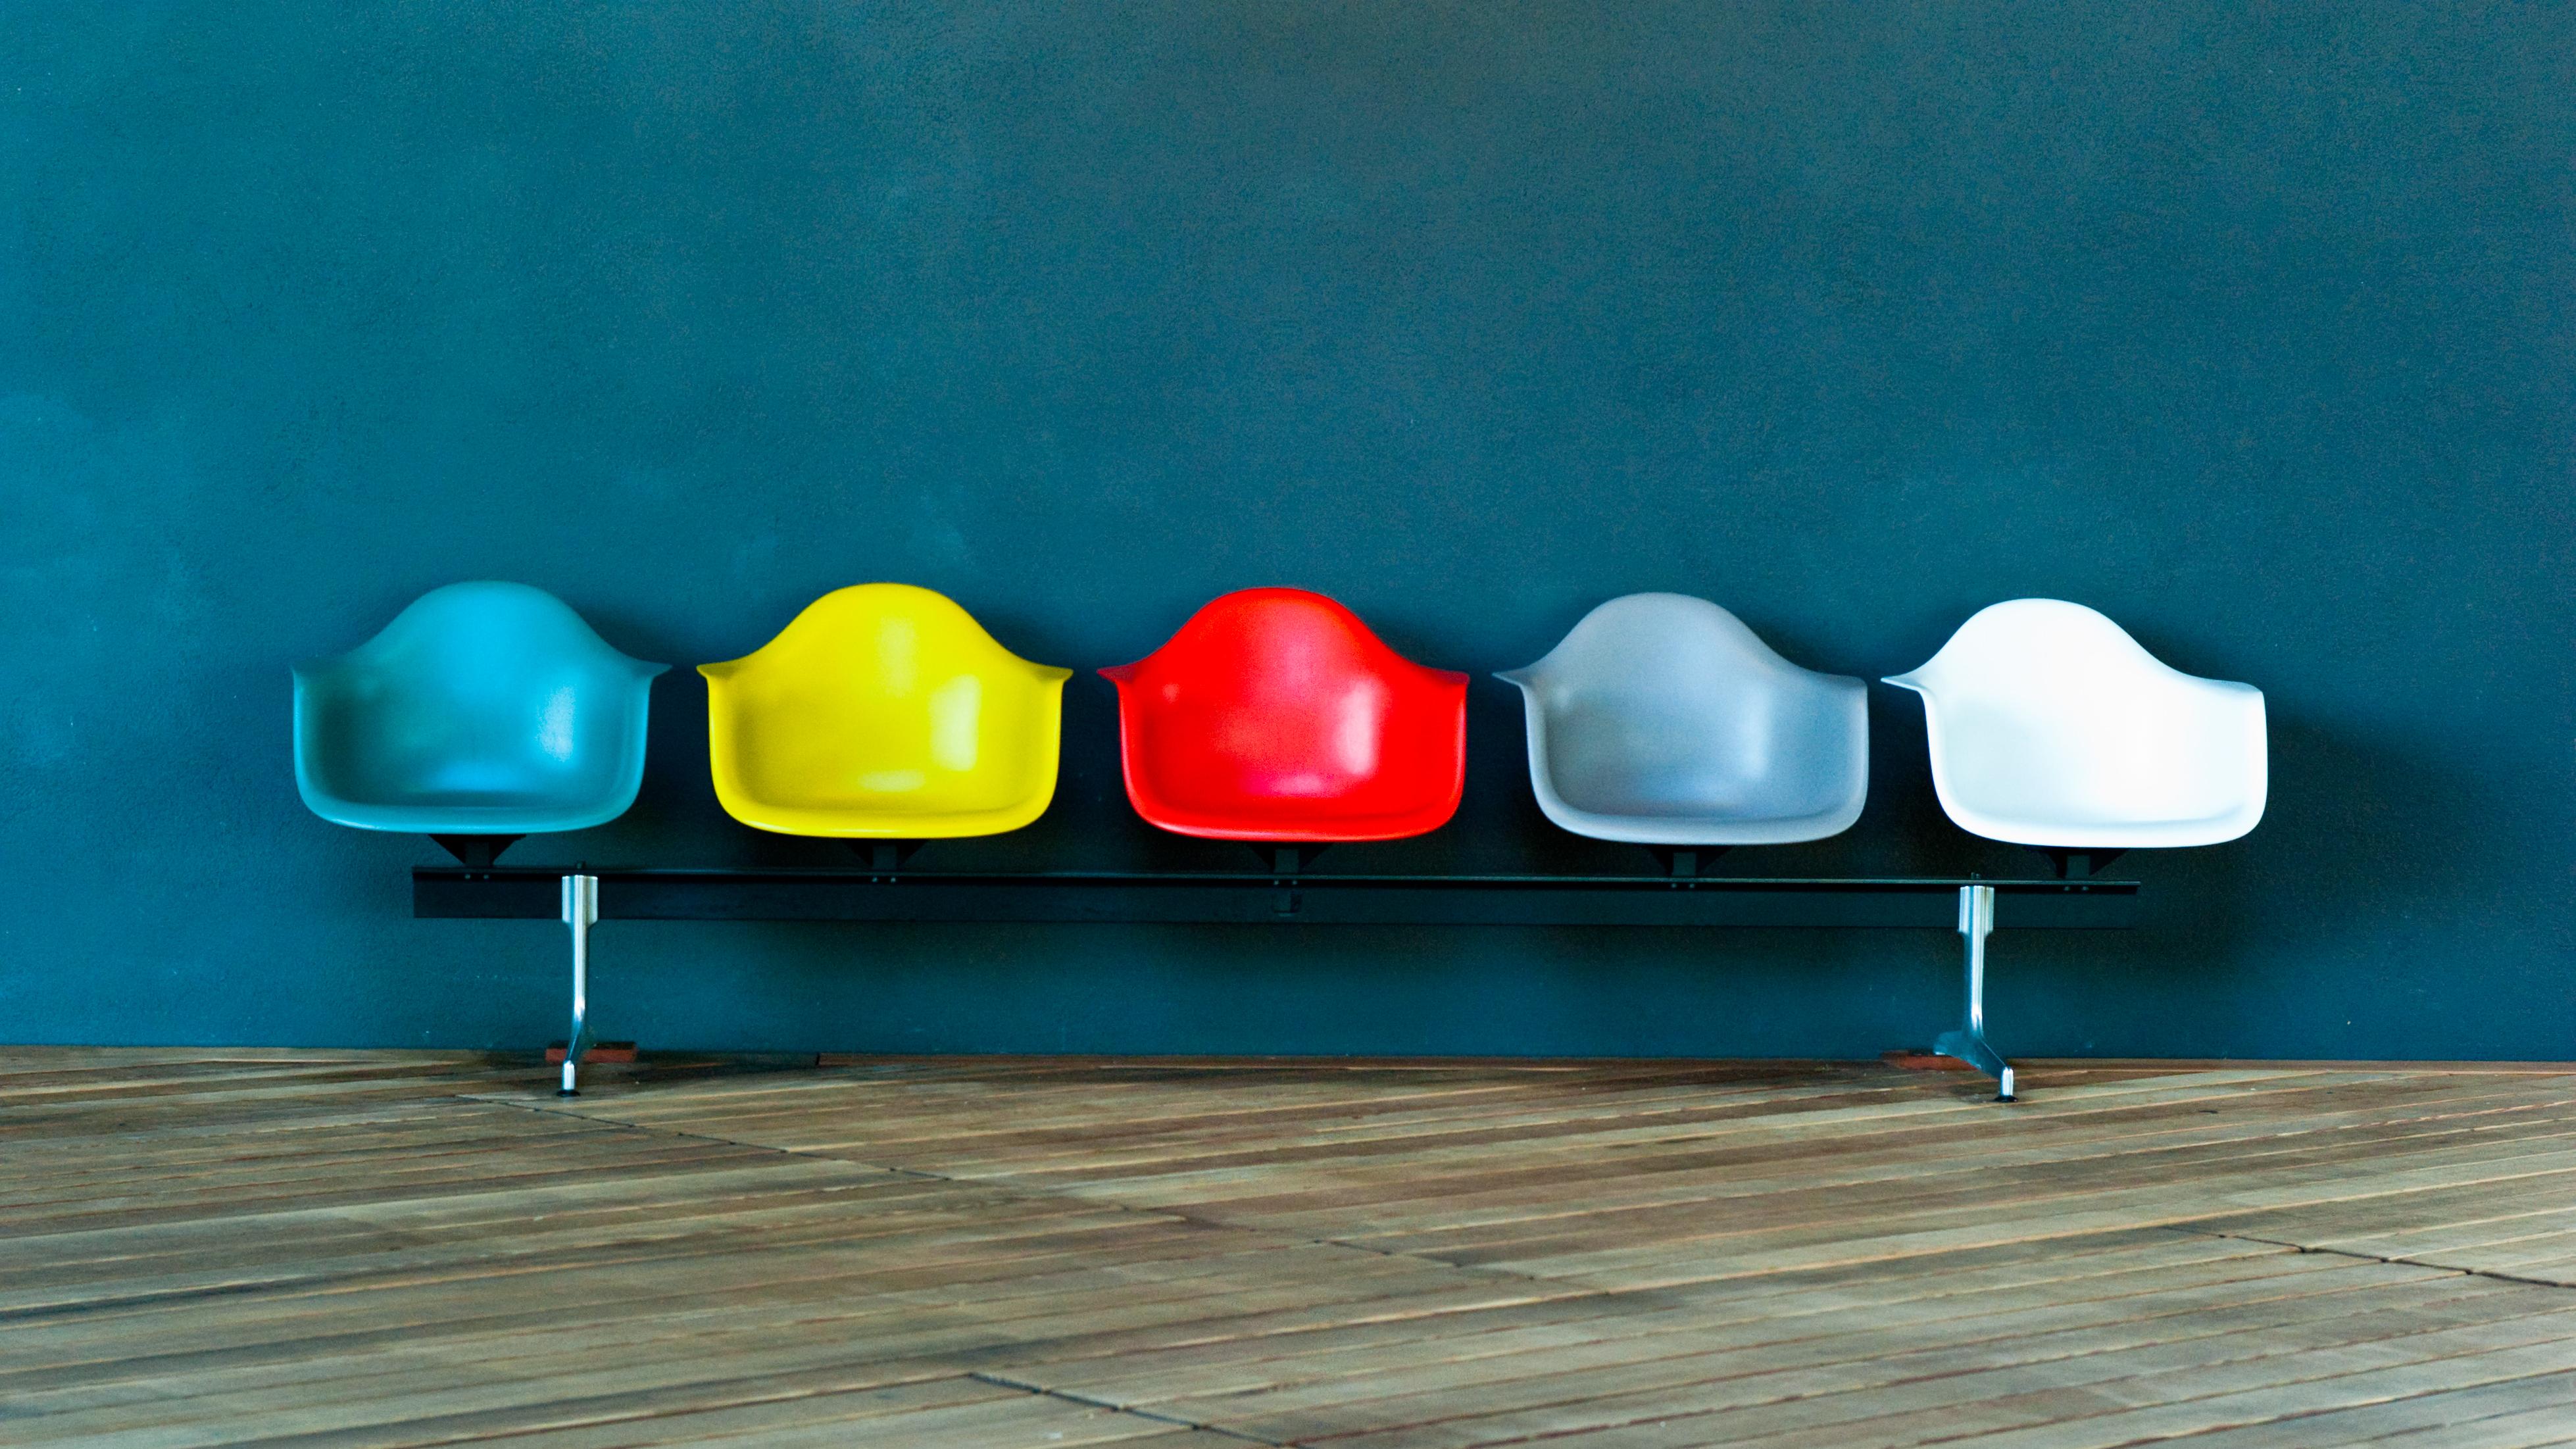 Hintergrundbilder : Malerei, Weiß, Rot, Unterbrechung, Gelb, Blau,  Deutschland, Regal, Museum, Leica, Kunststoff, Rhein, Sitz, AM, KUNST,  Strahl, Farbe, ...